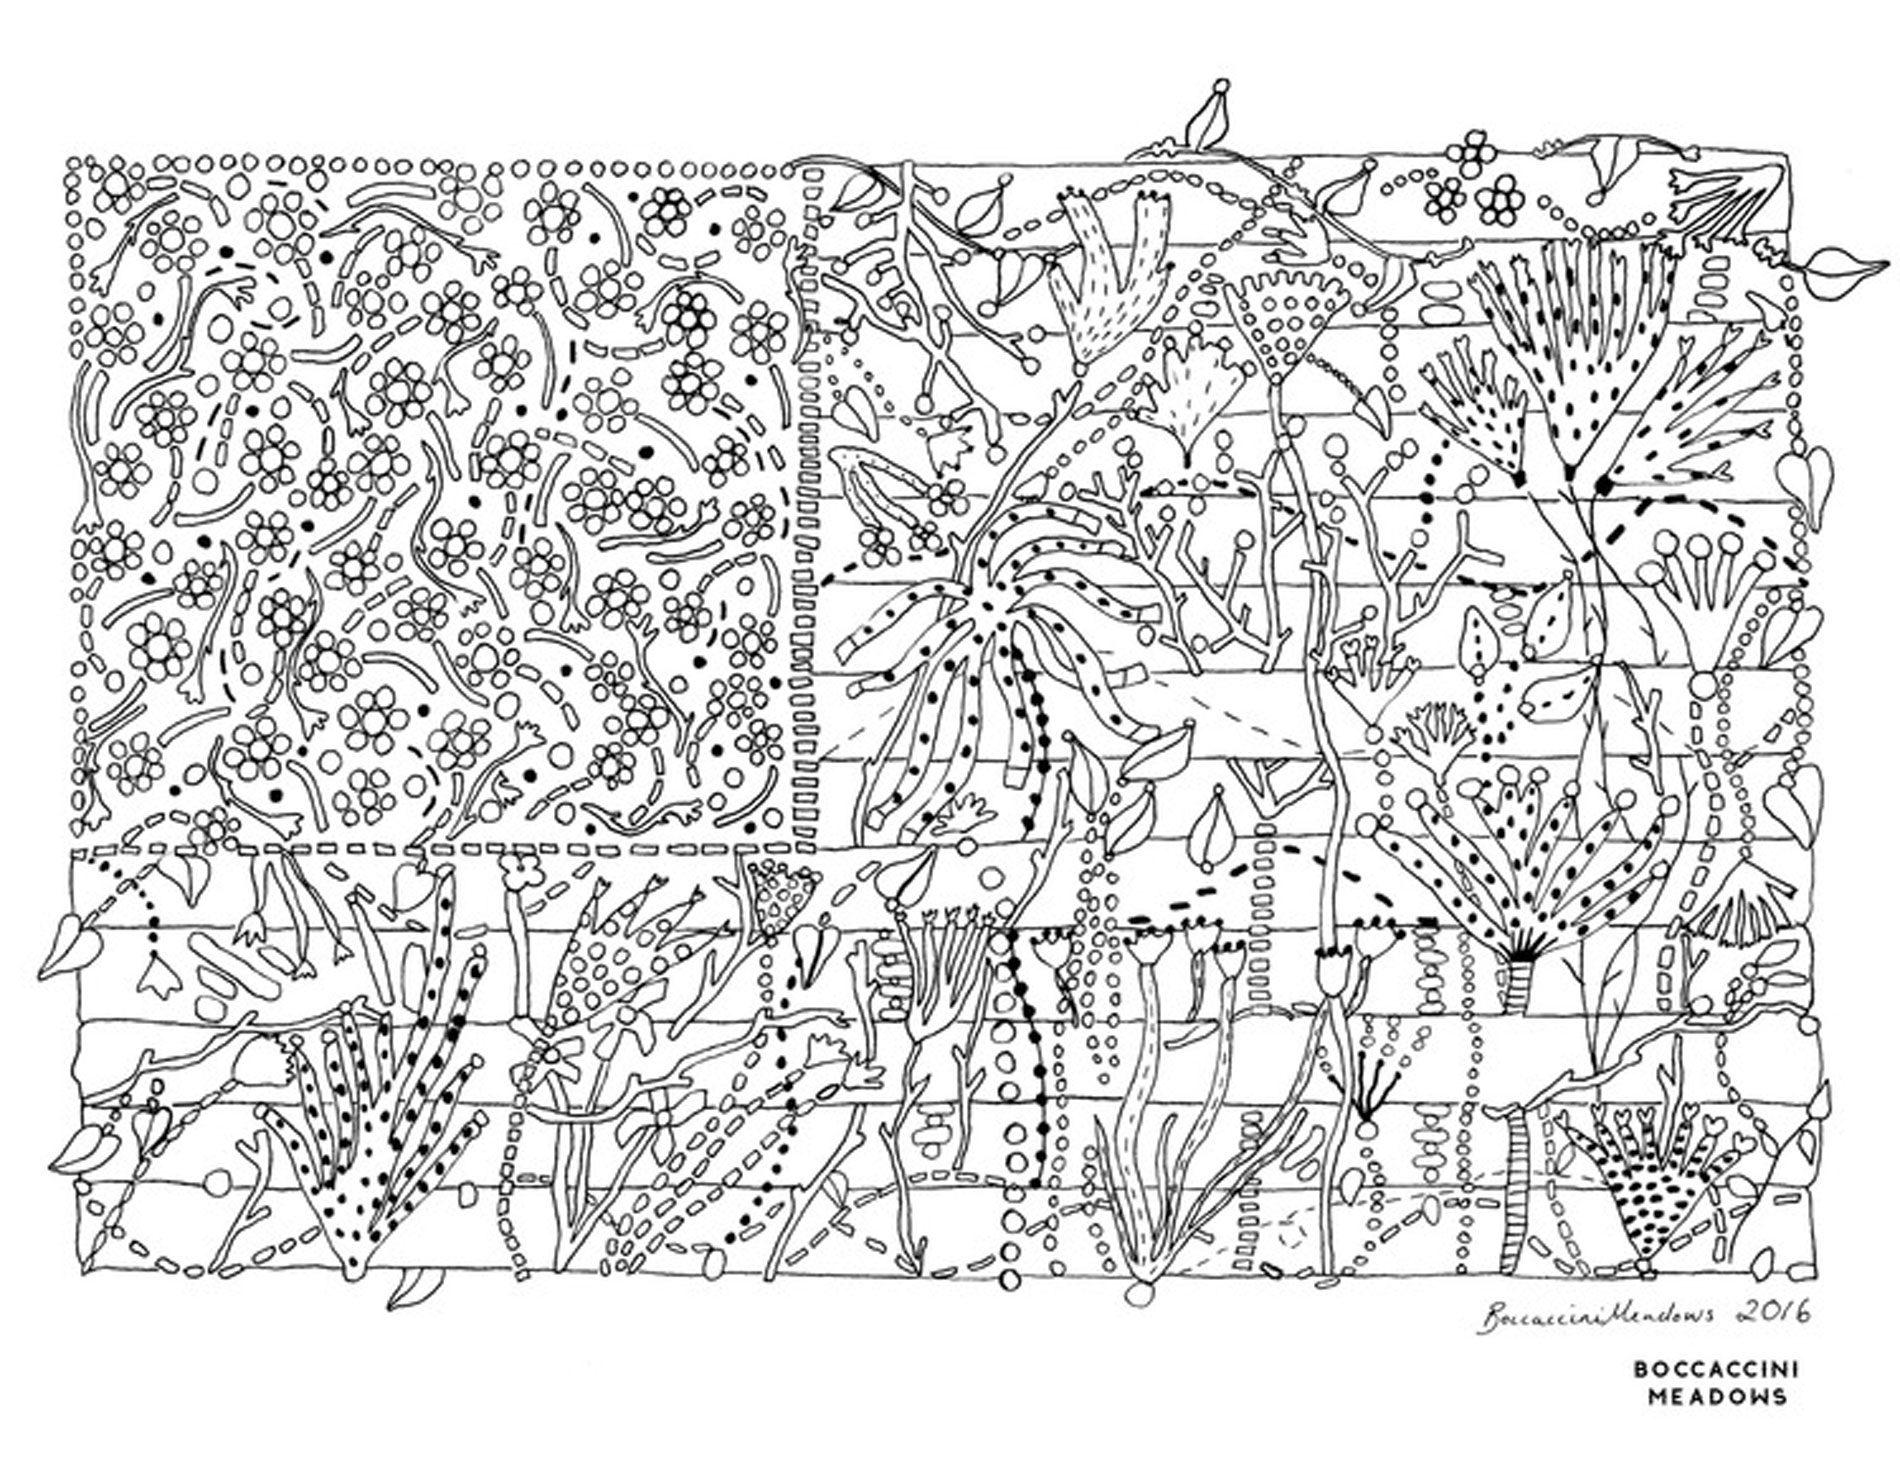 illustrazione botaniche Boccacini Meadows